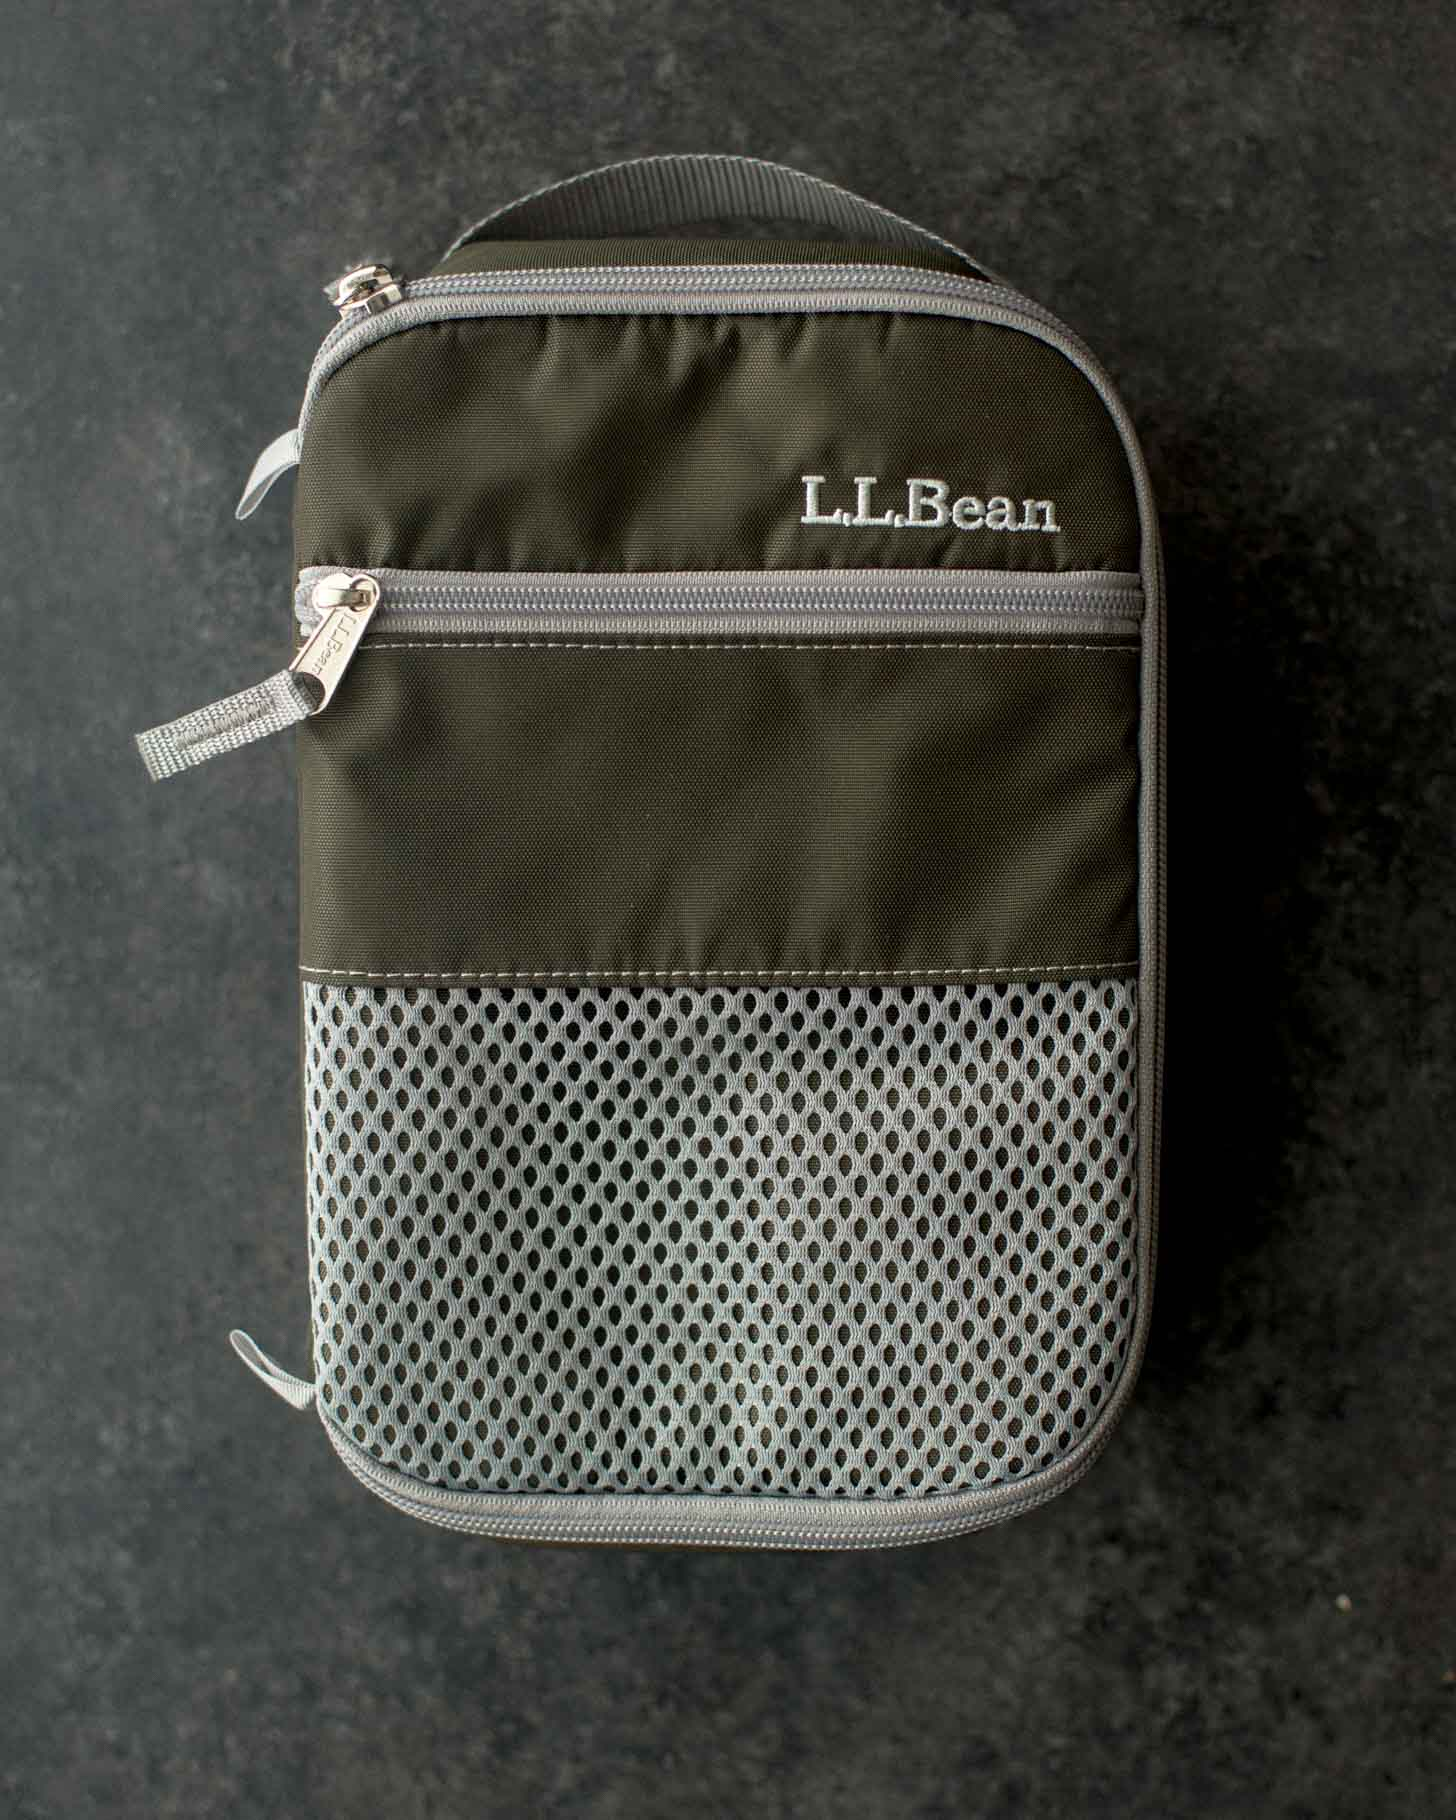 L.L. Bean Classic Lunch Box - Green